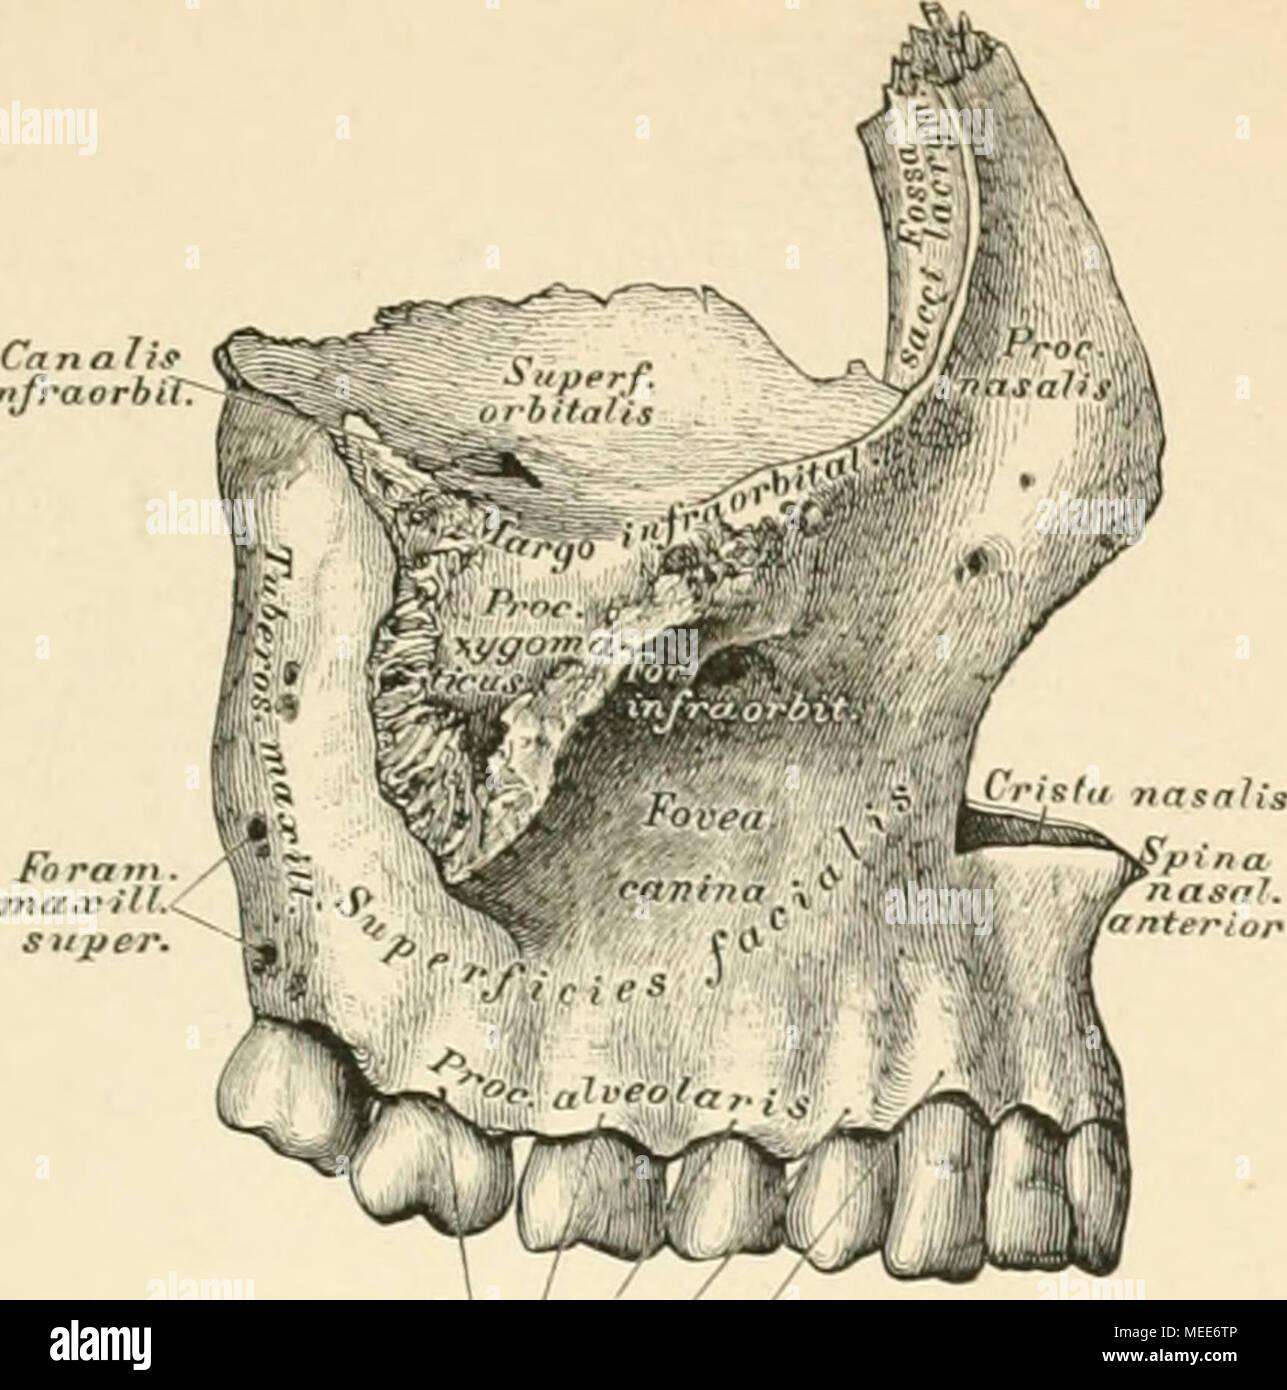 Ungewöhnlich Nase Anatomie Extern Fotos - Menschliche Anatomie ...